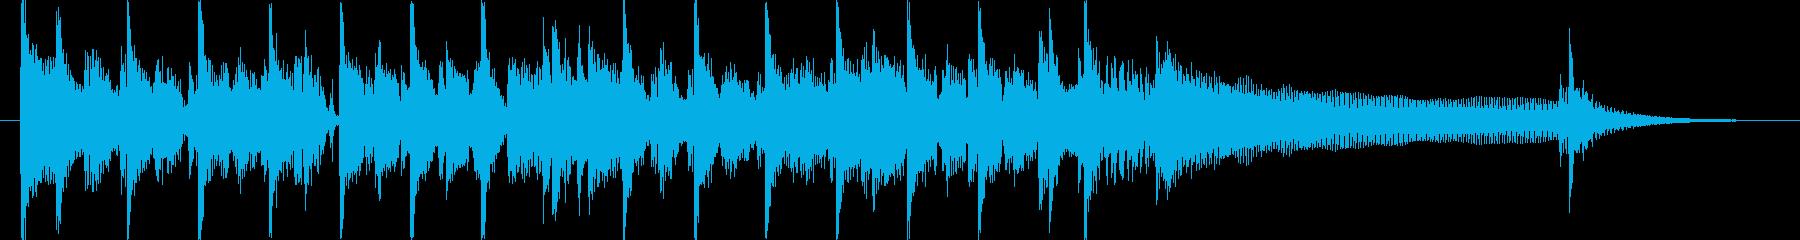 明るく軽快なロックトラックロゴの再生済みの波形